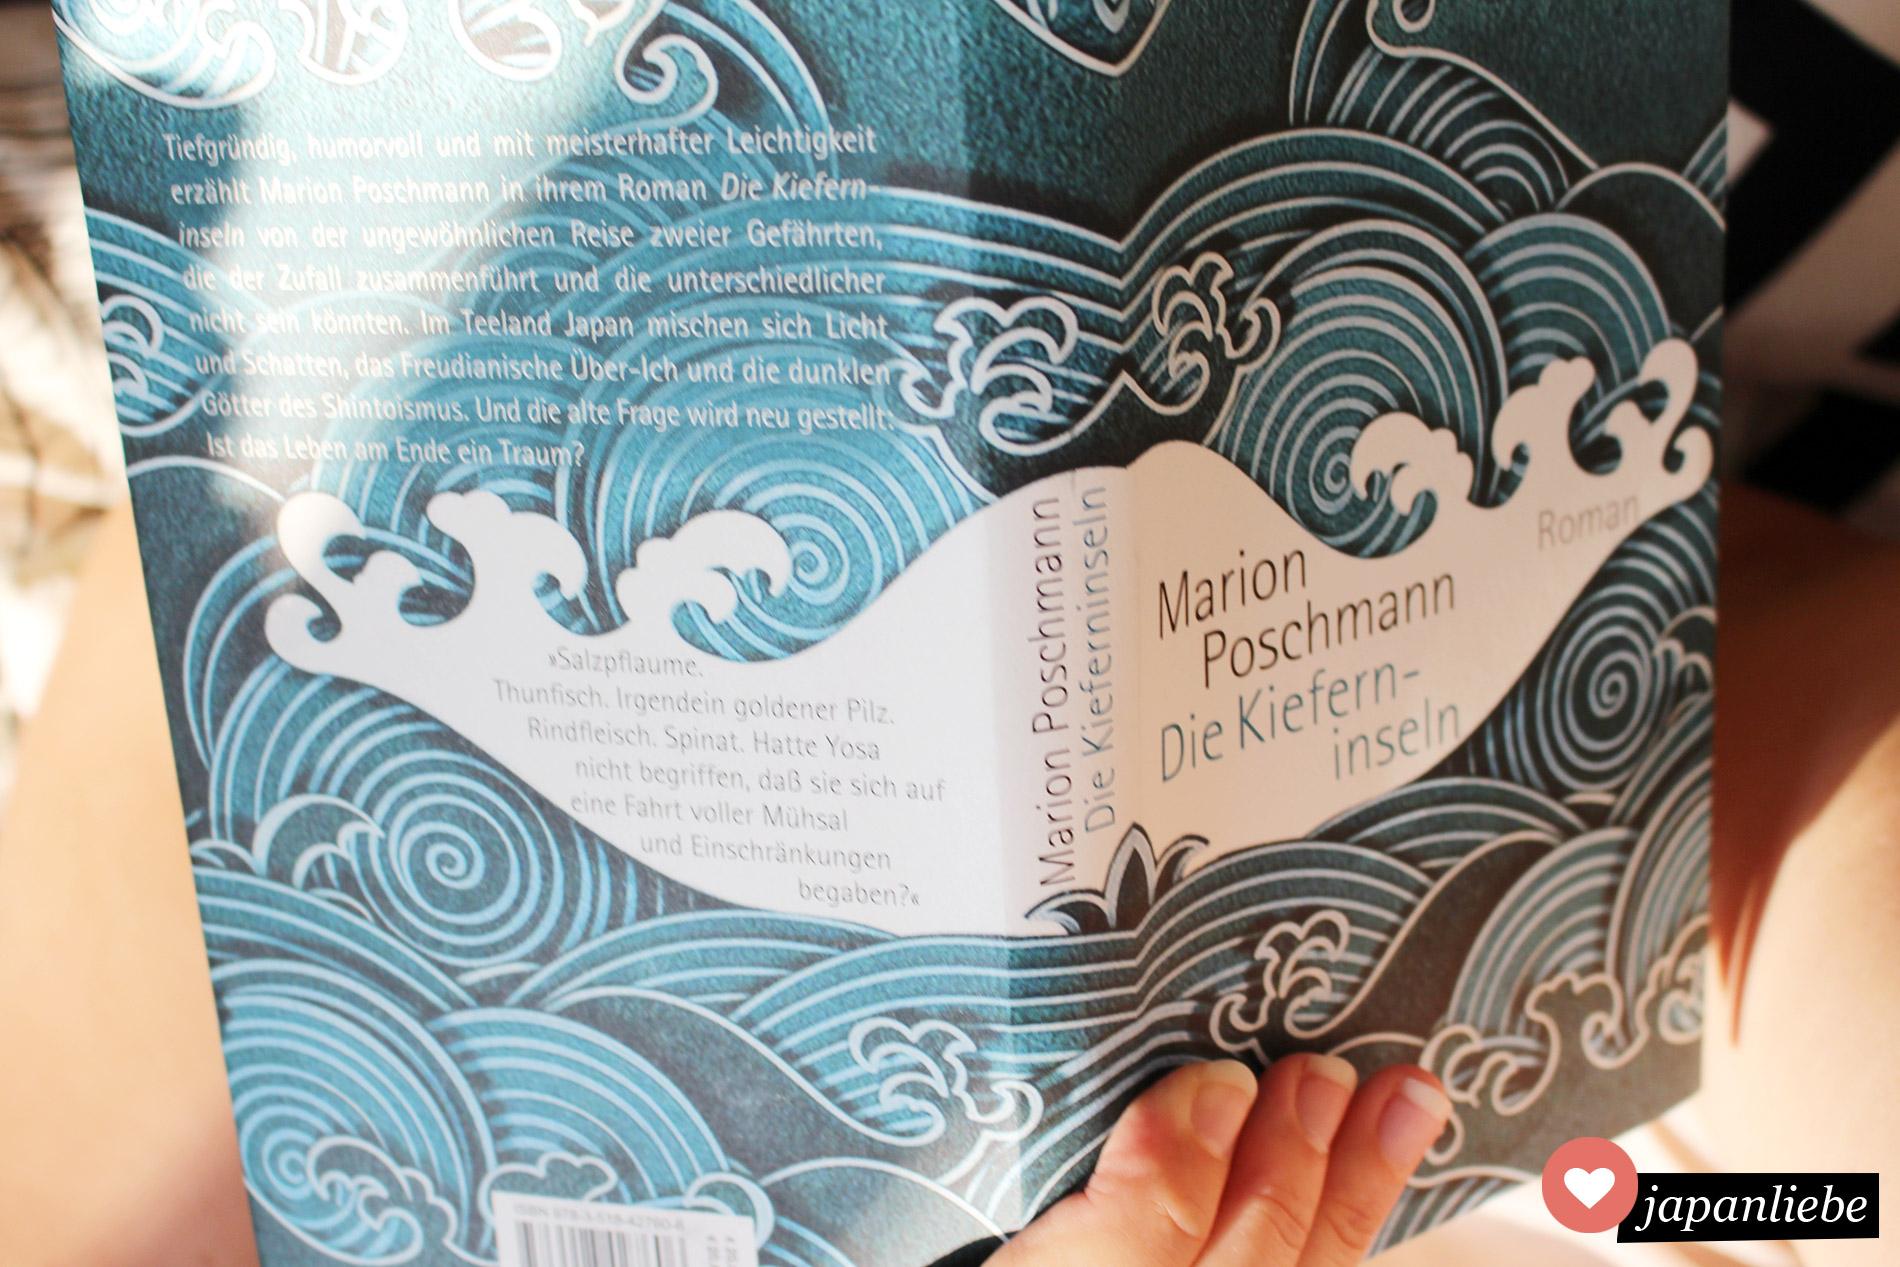 """Ich beim Lesen von """"Die Kieferninseln"""". Was für ein schönes Cover!"""